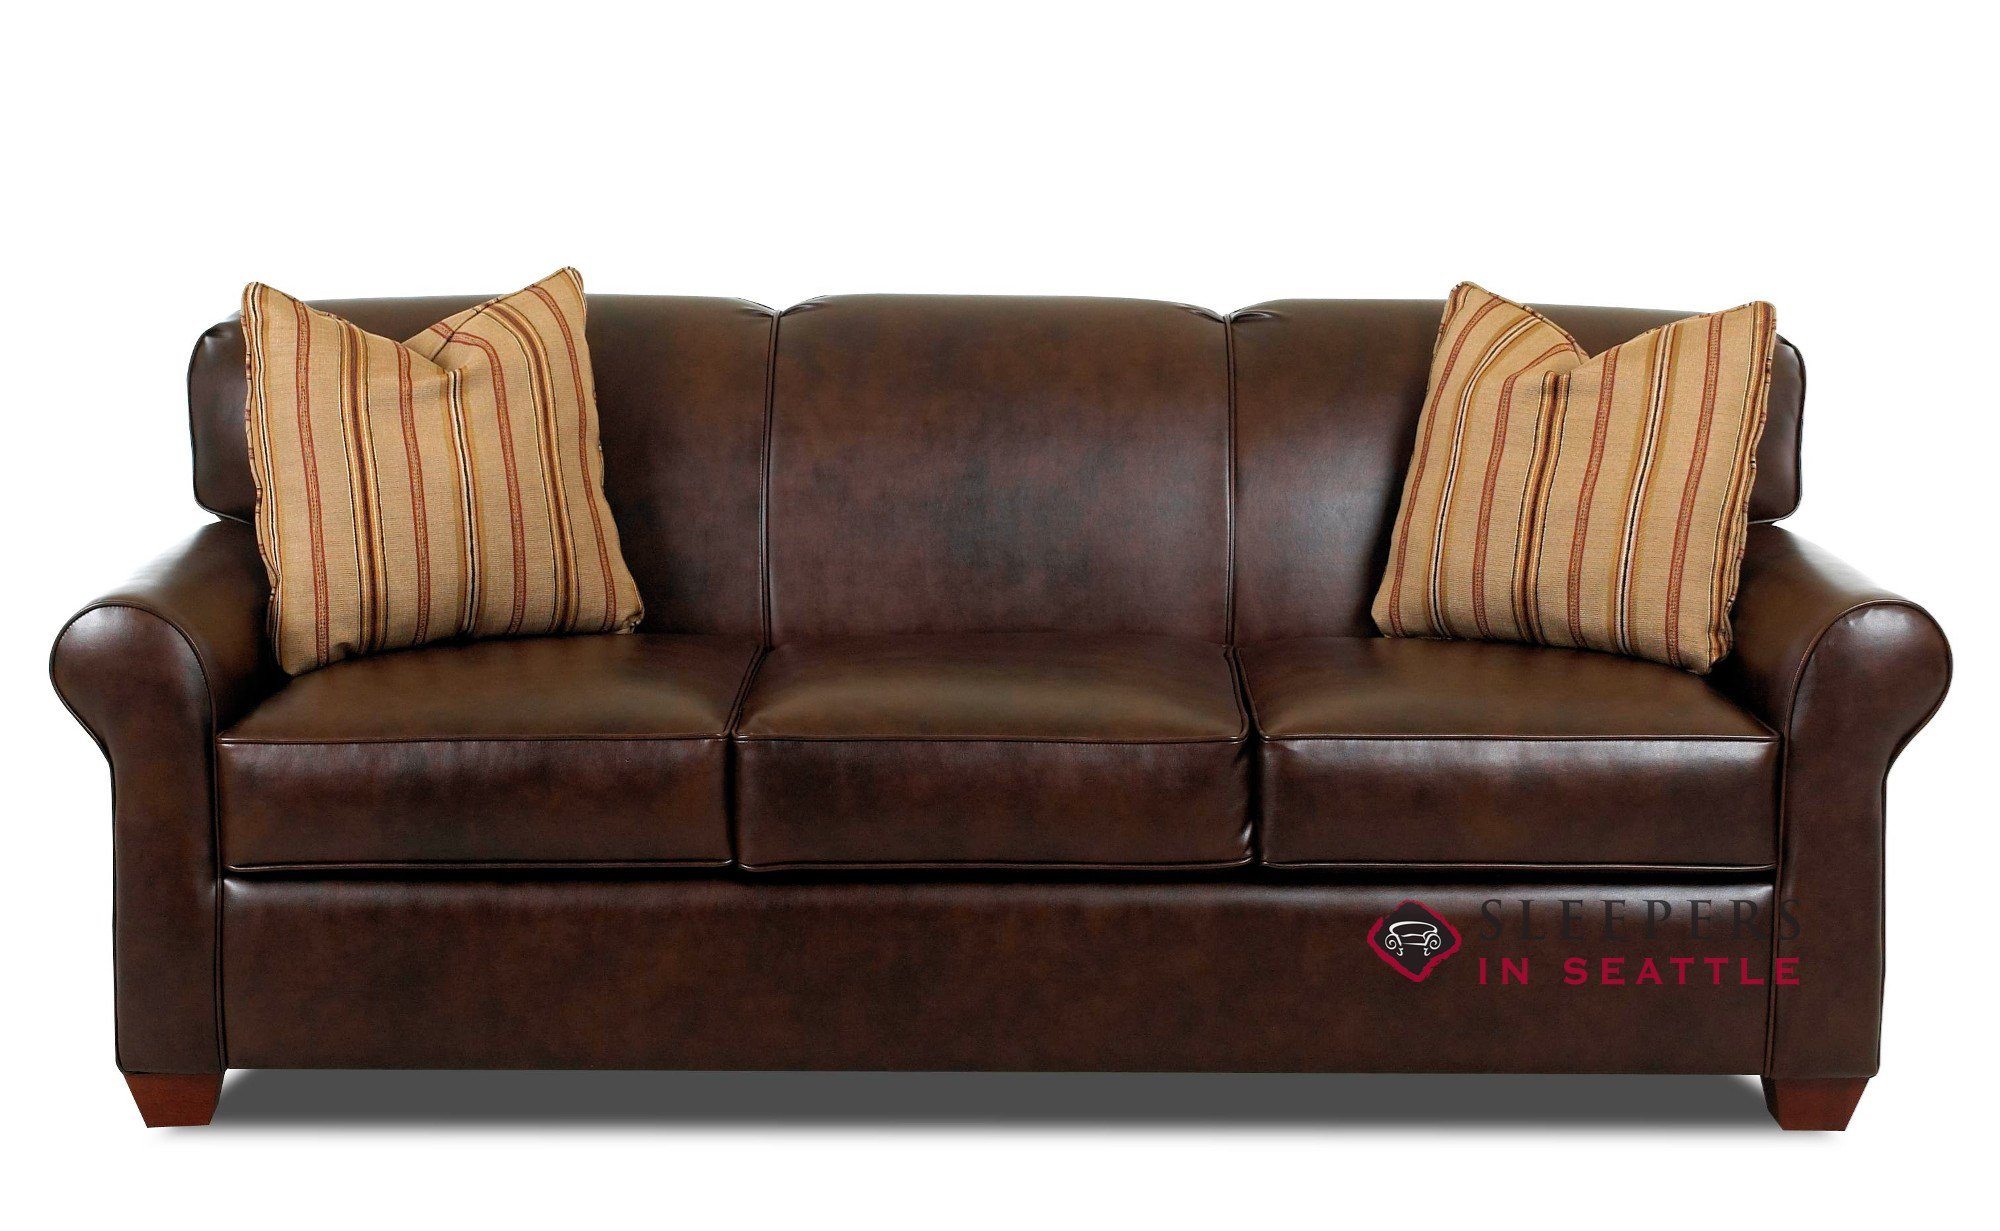 sleeper sofa savvy calgary sleeper (queen) in leather UJXIIAS